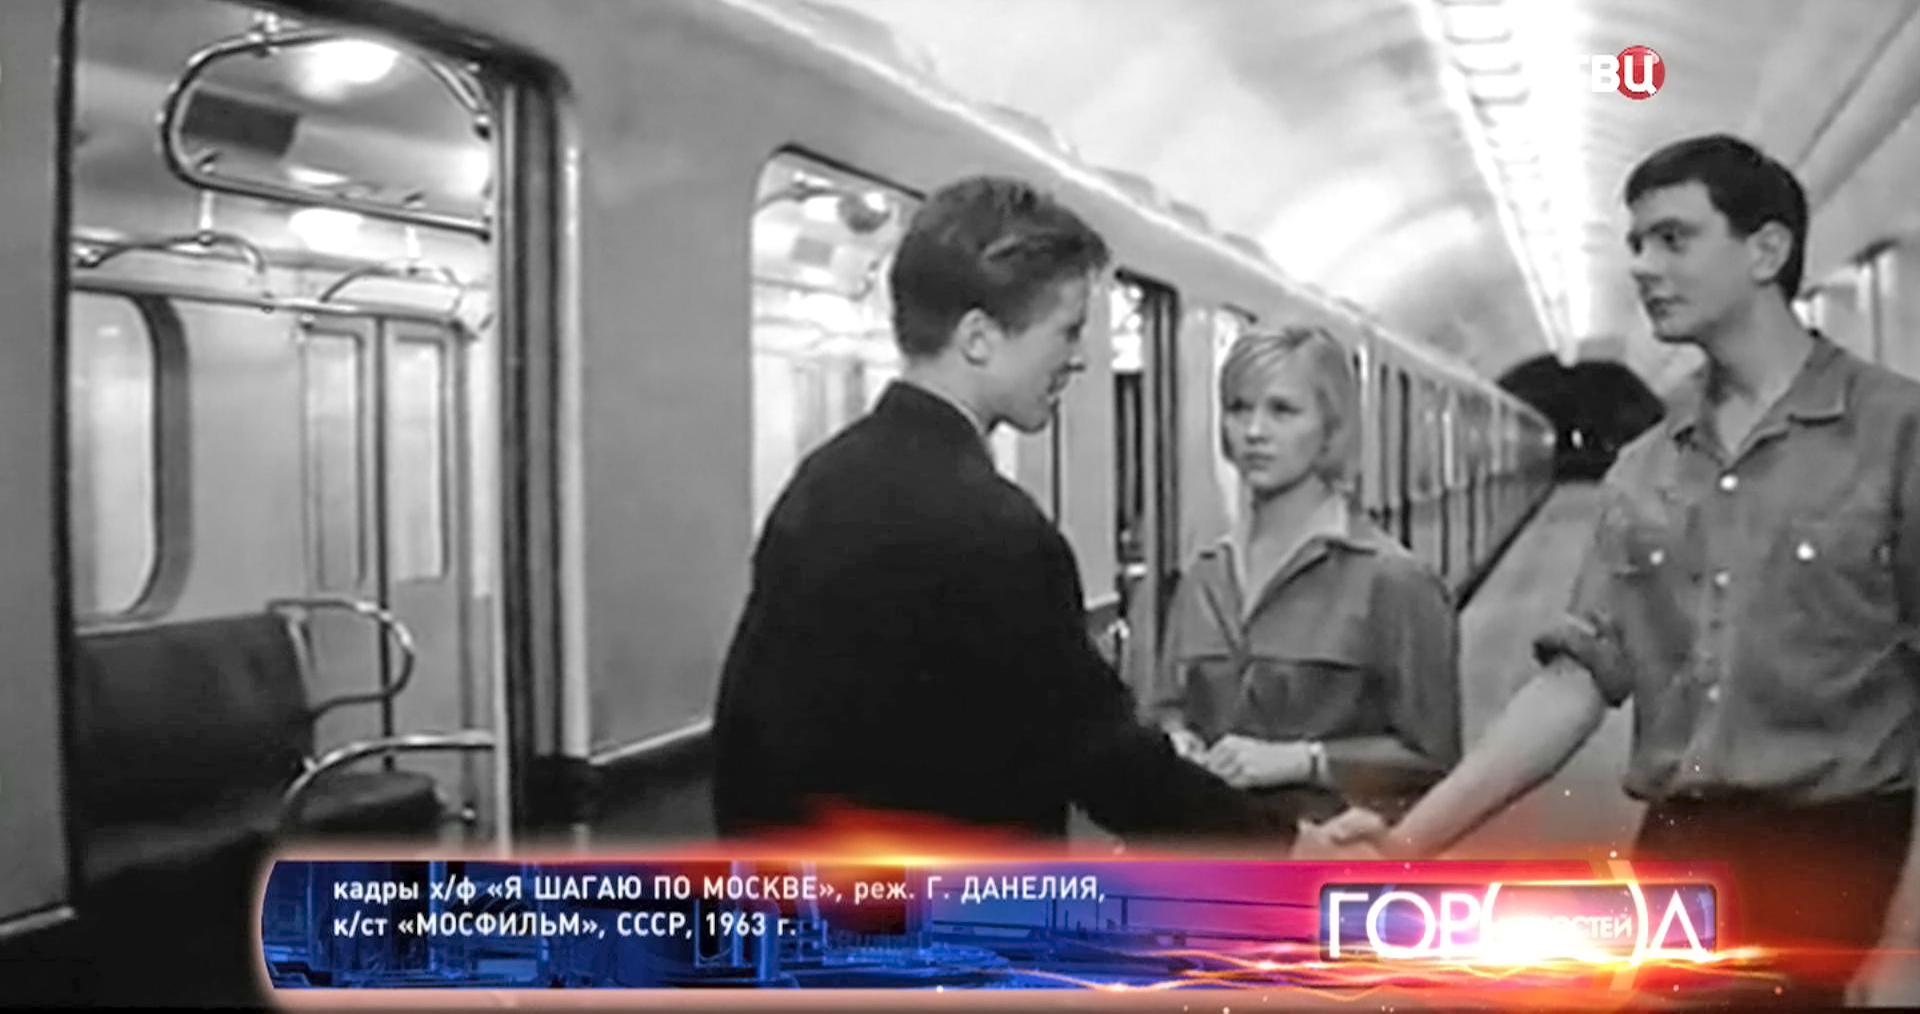 """Кадры из фильма """"Я шагаю по Москве"""""""